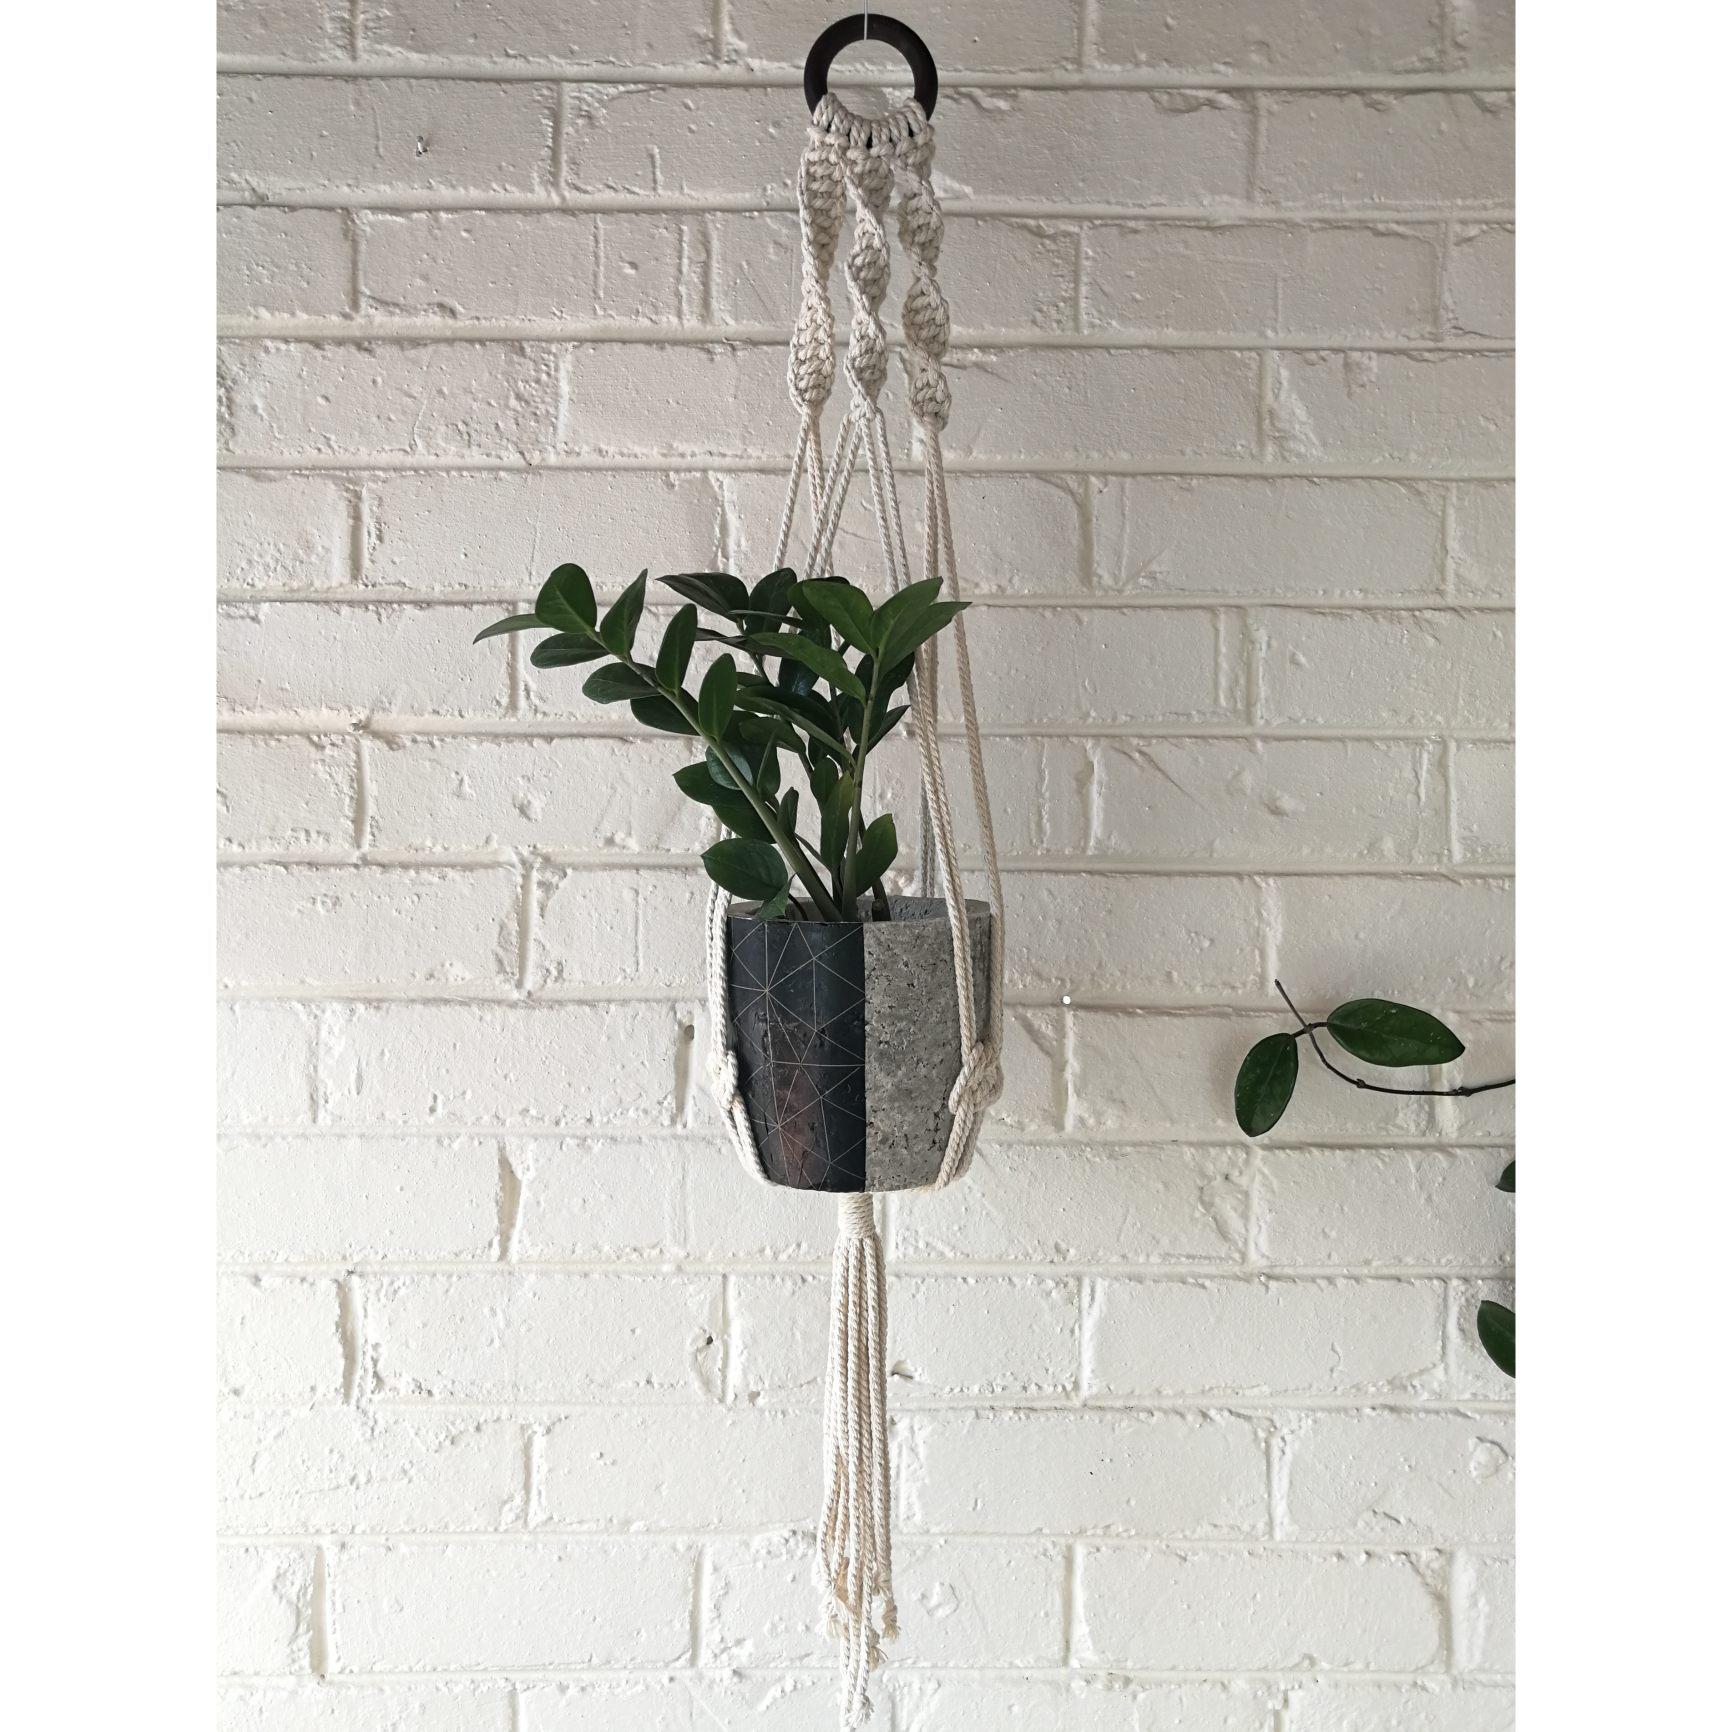 Macramé hanger with black geometric plant pot